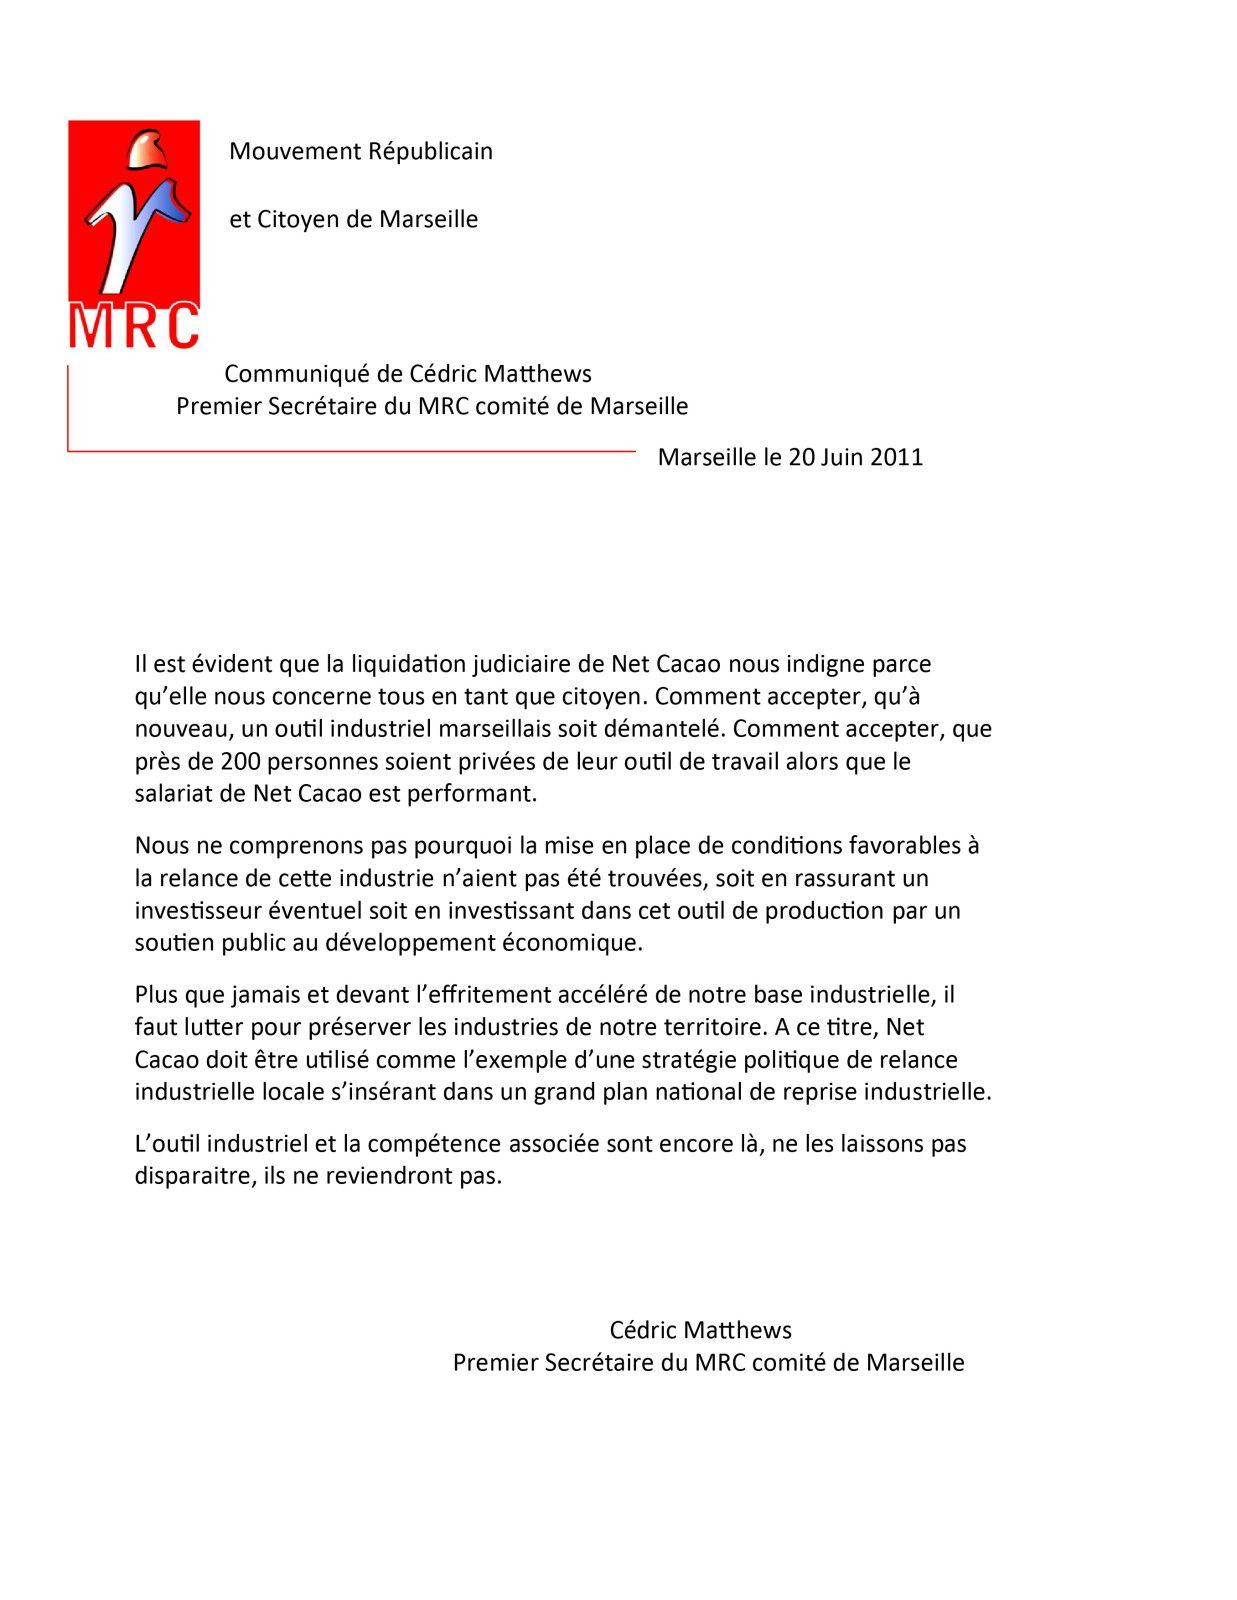 lettre communiquéMRC